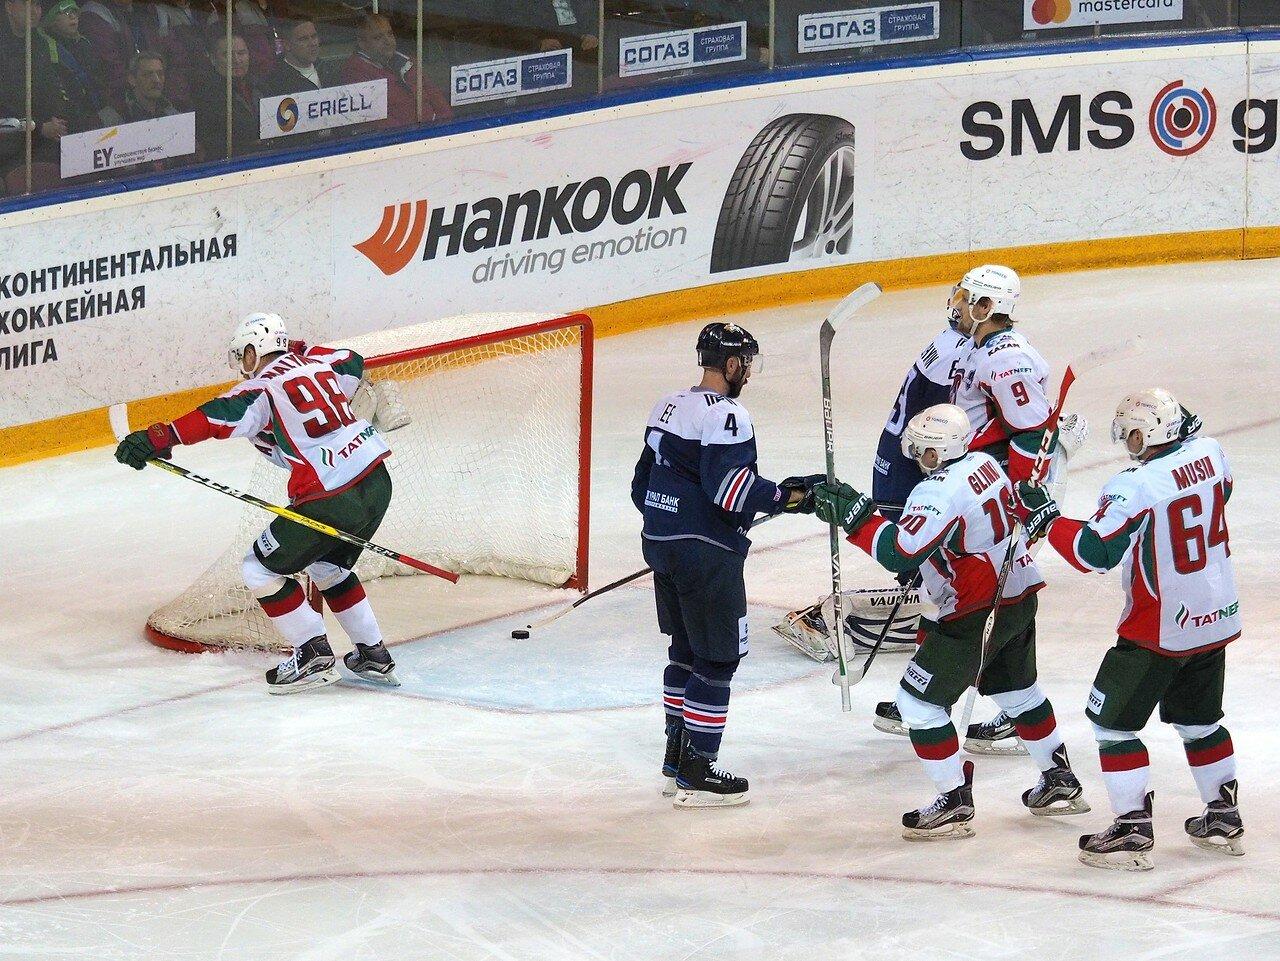 73 Первая игра финала плей-офф восточной конференции 2017 Металлург - АкБарс 24.03.2017